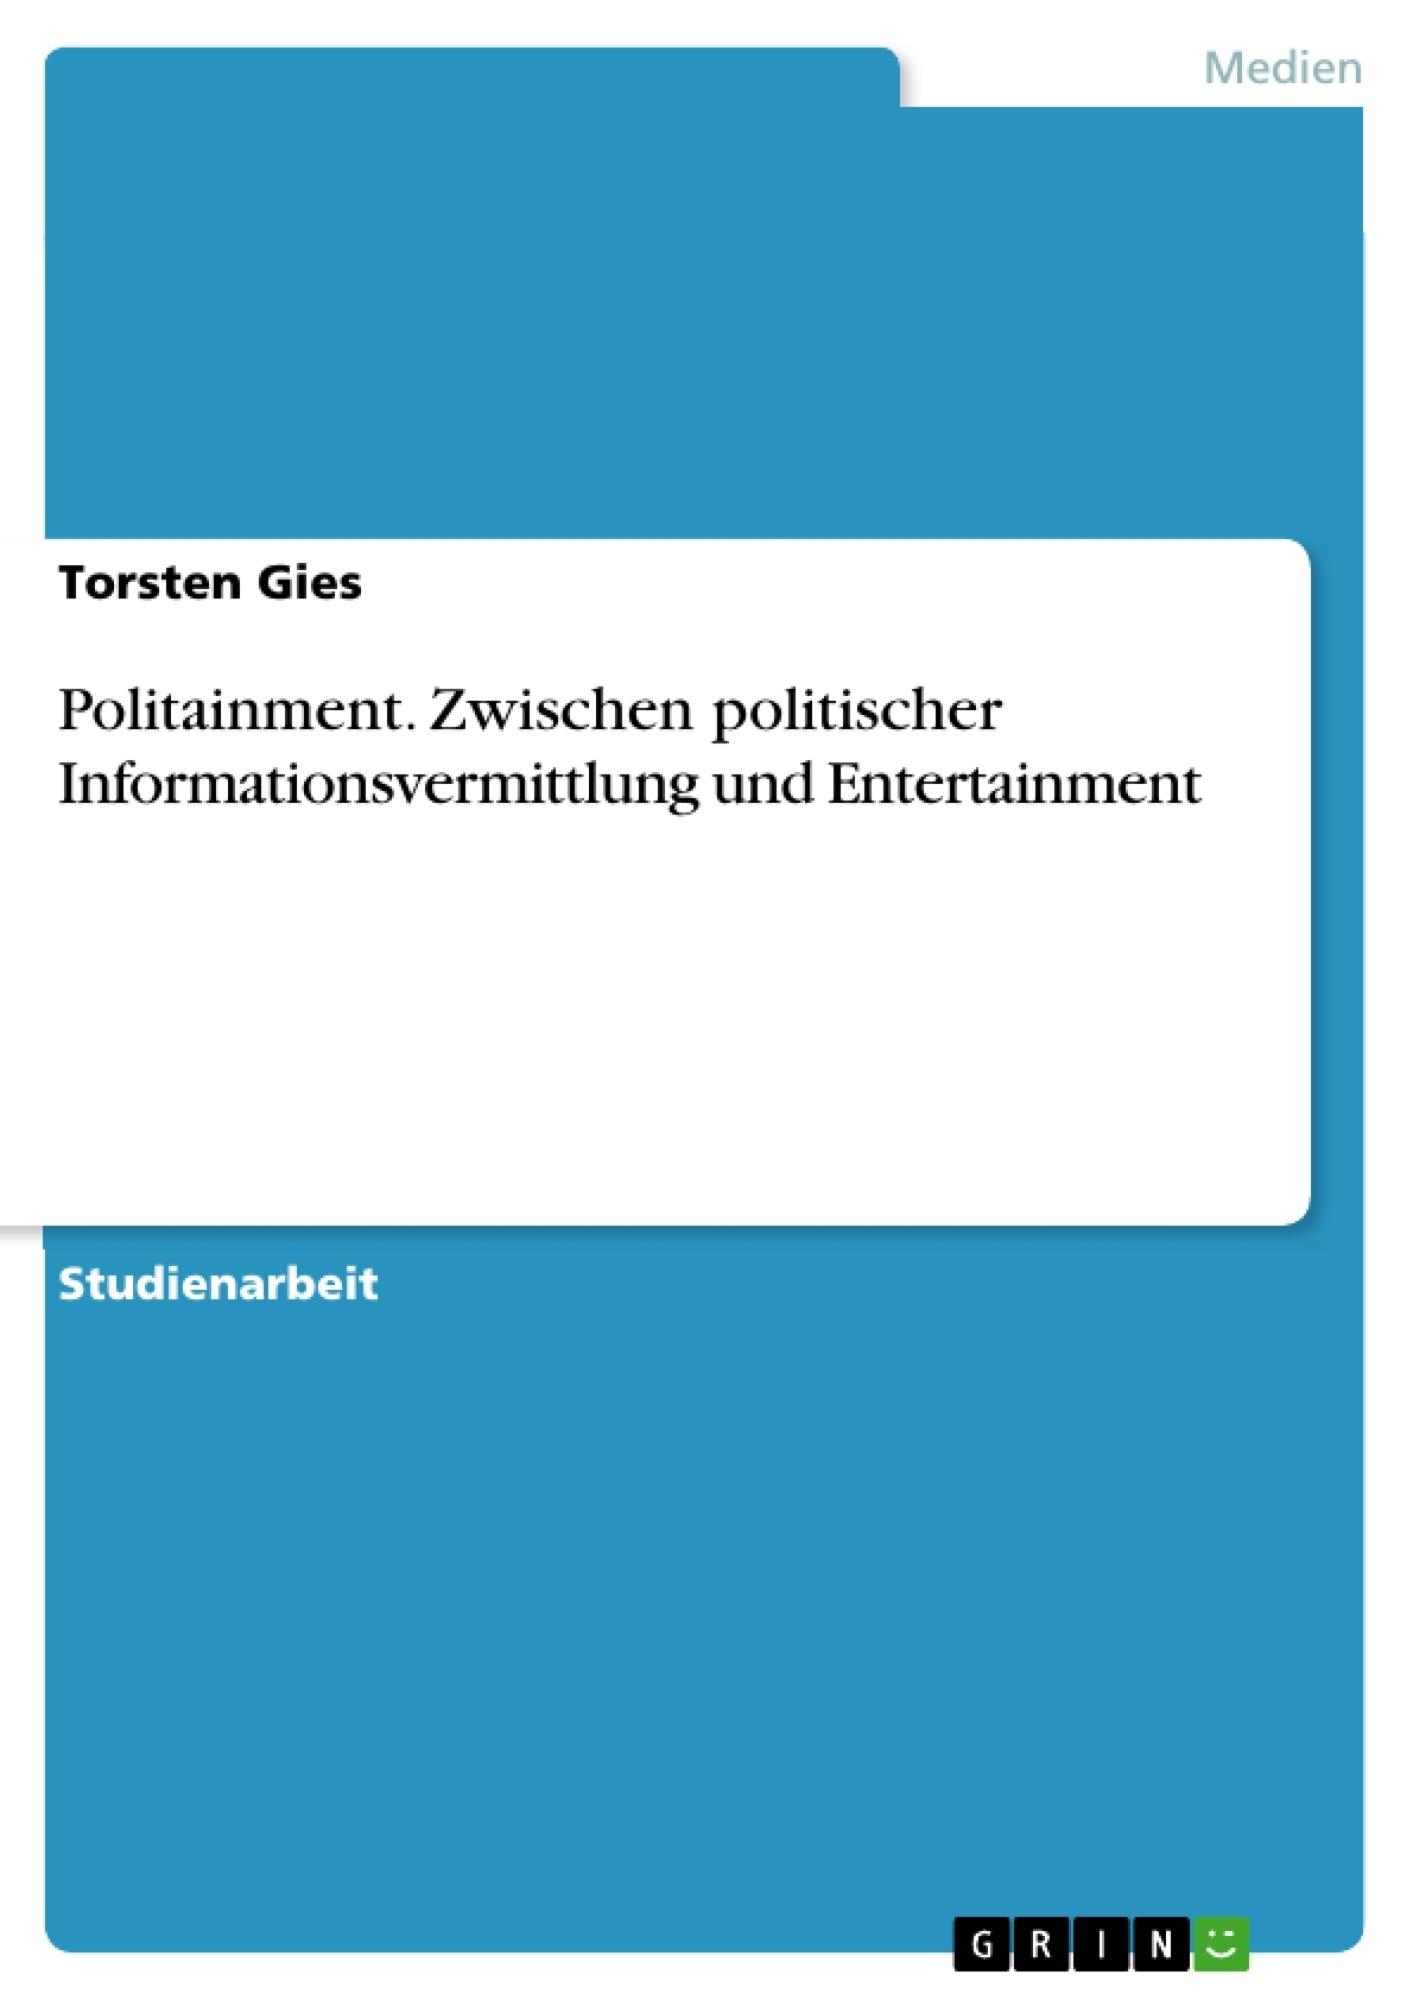 Titel: Politainment. Zwischen politischer Informationsvermittlung und Entertainment